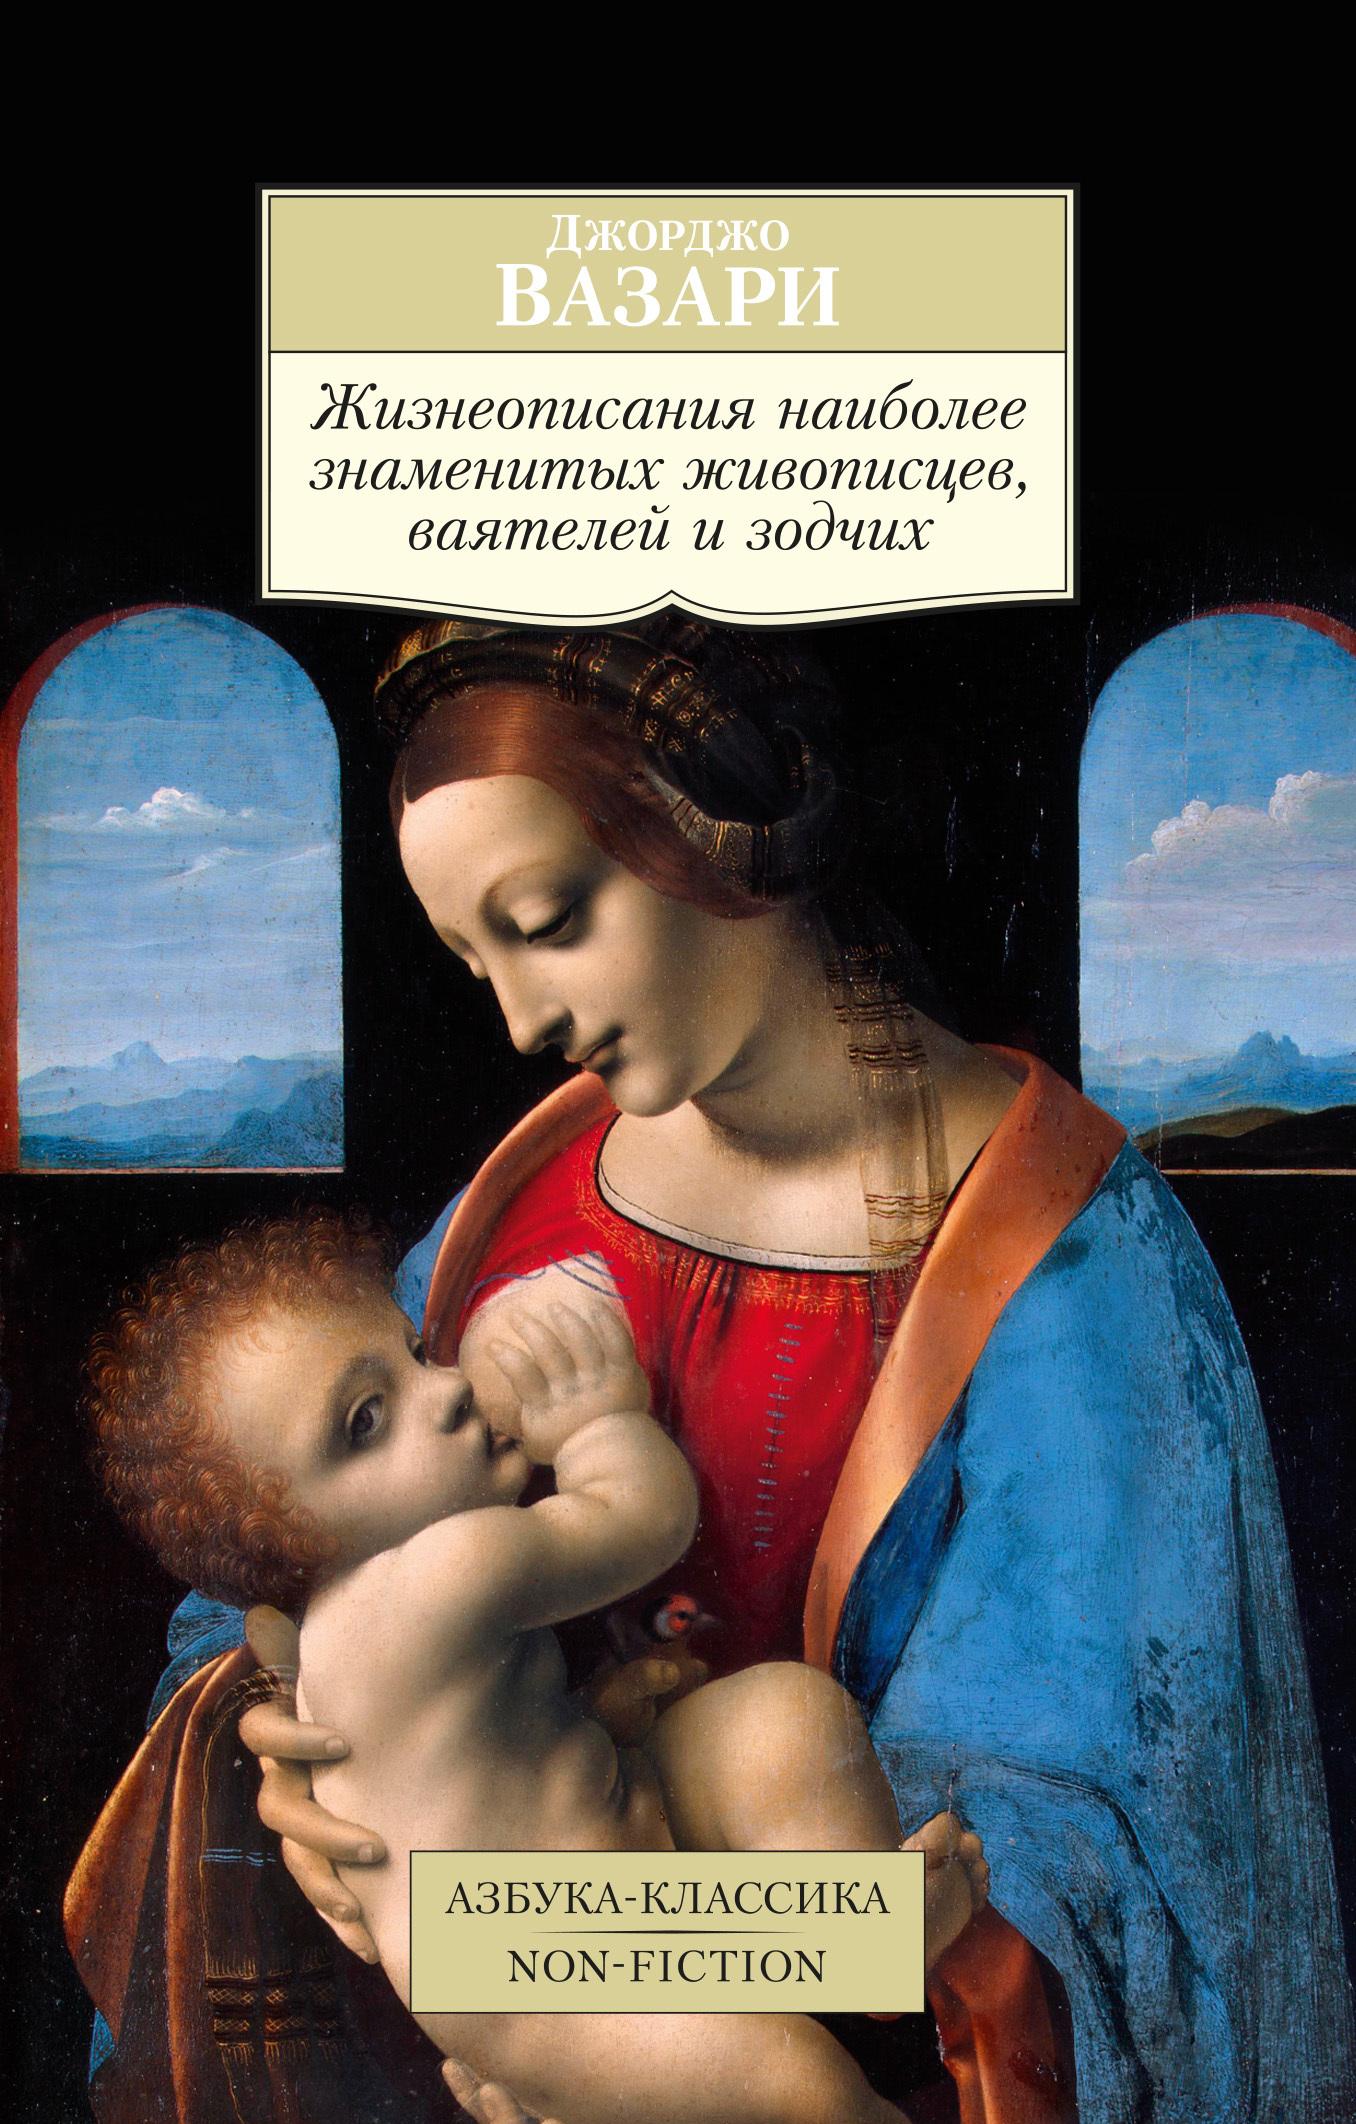 Обложка книги Жизнеописания наиболее знаменитых живописцев, ваятелей и зодчих, автор Джорджо Вазари